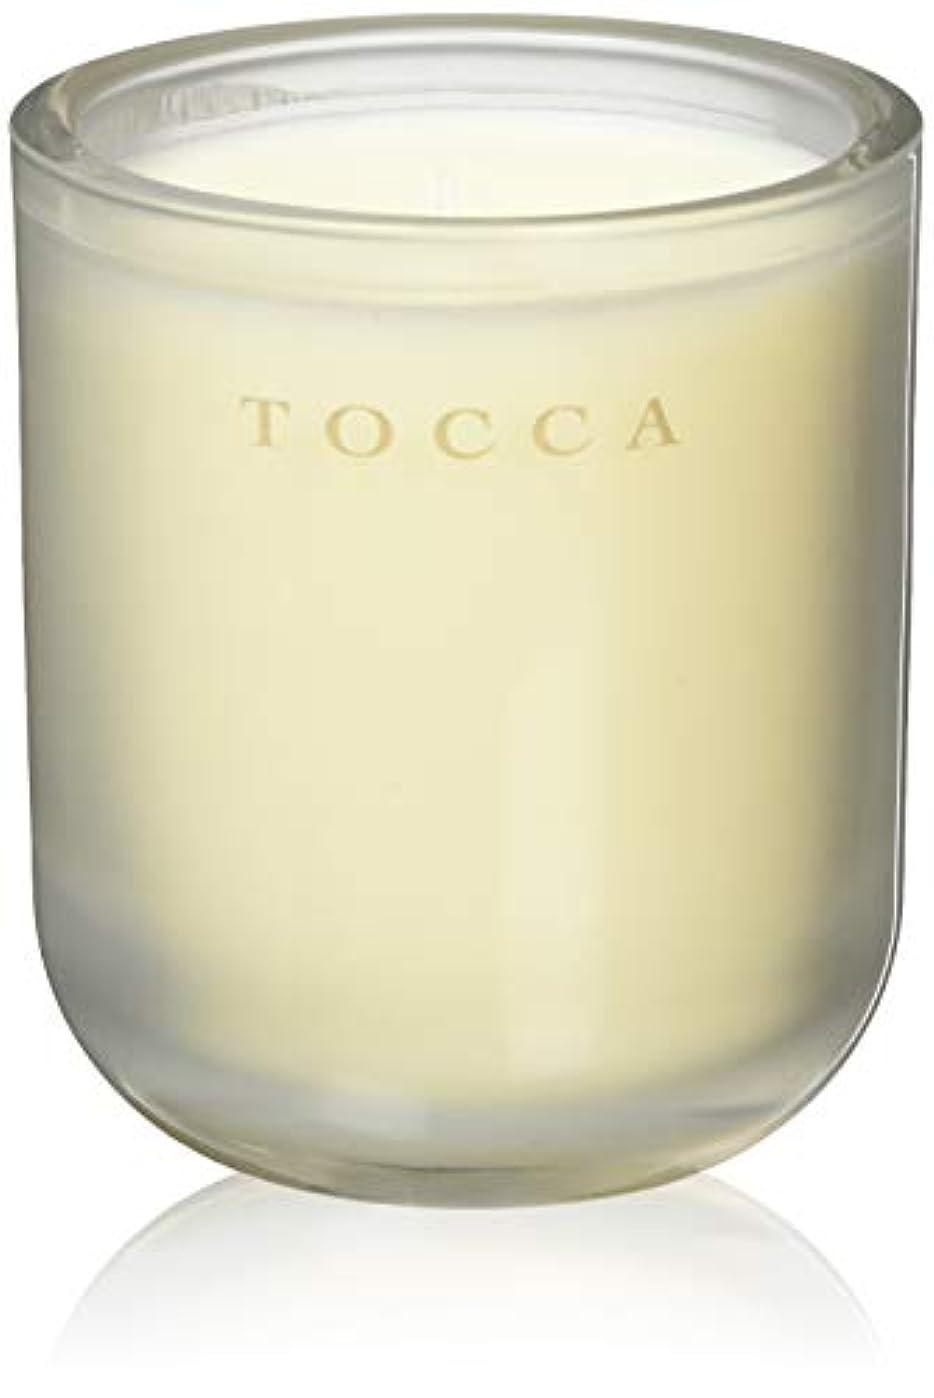 奨励全員硬化するTOCCA(トッカ) ボヤージュ キャンドル バレンシア 287g (ろうそく 芳香 オレンジとベルガモットのフレッシュシトラスな香り)